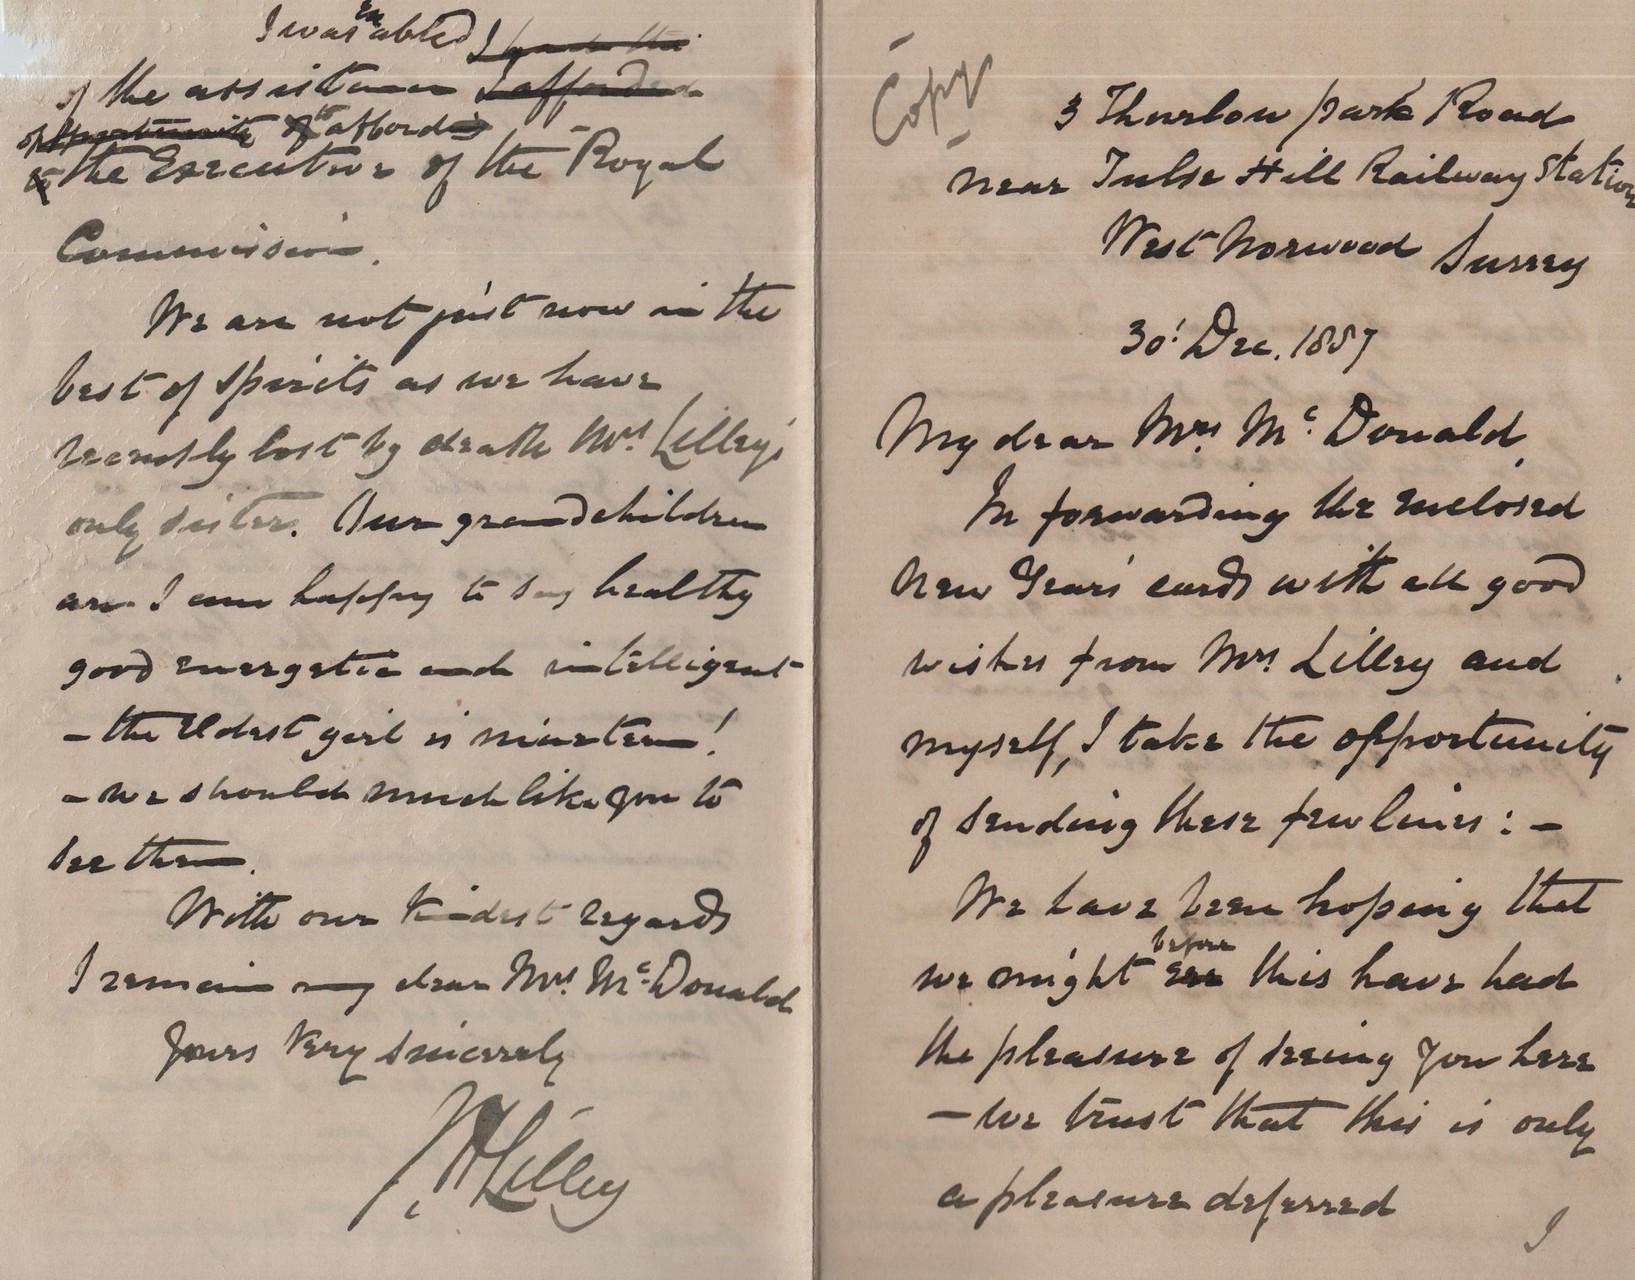 1887 December 30th JHL to AMcD